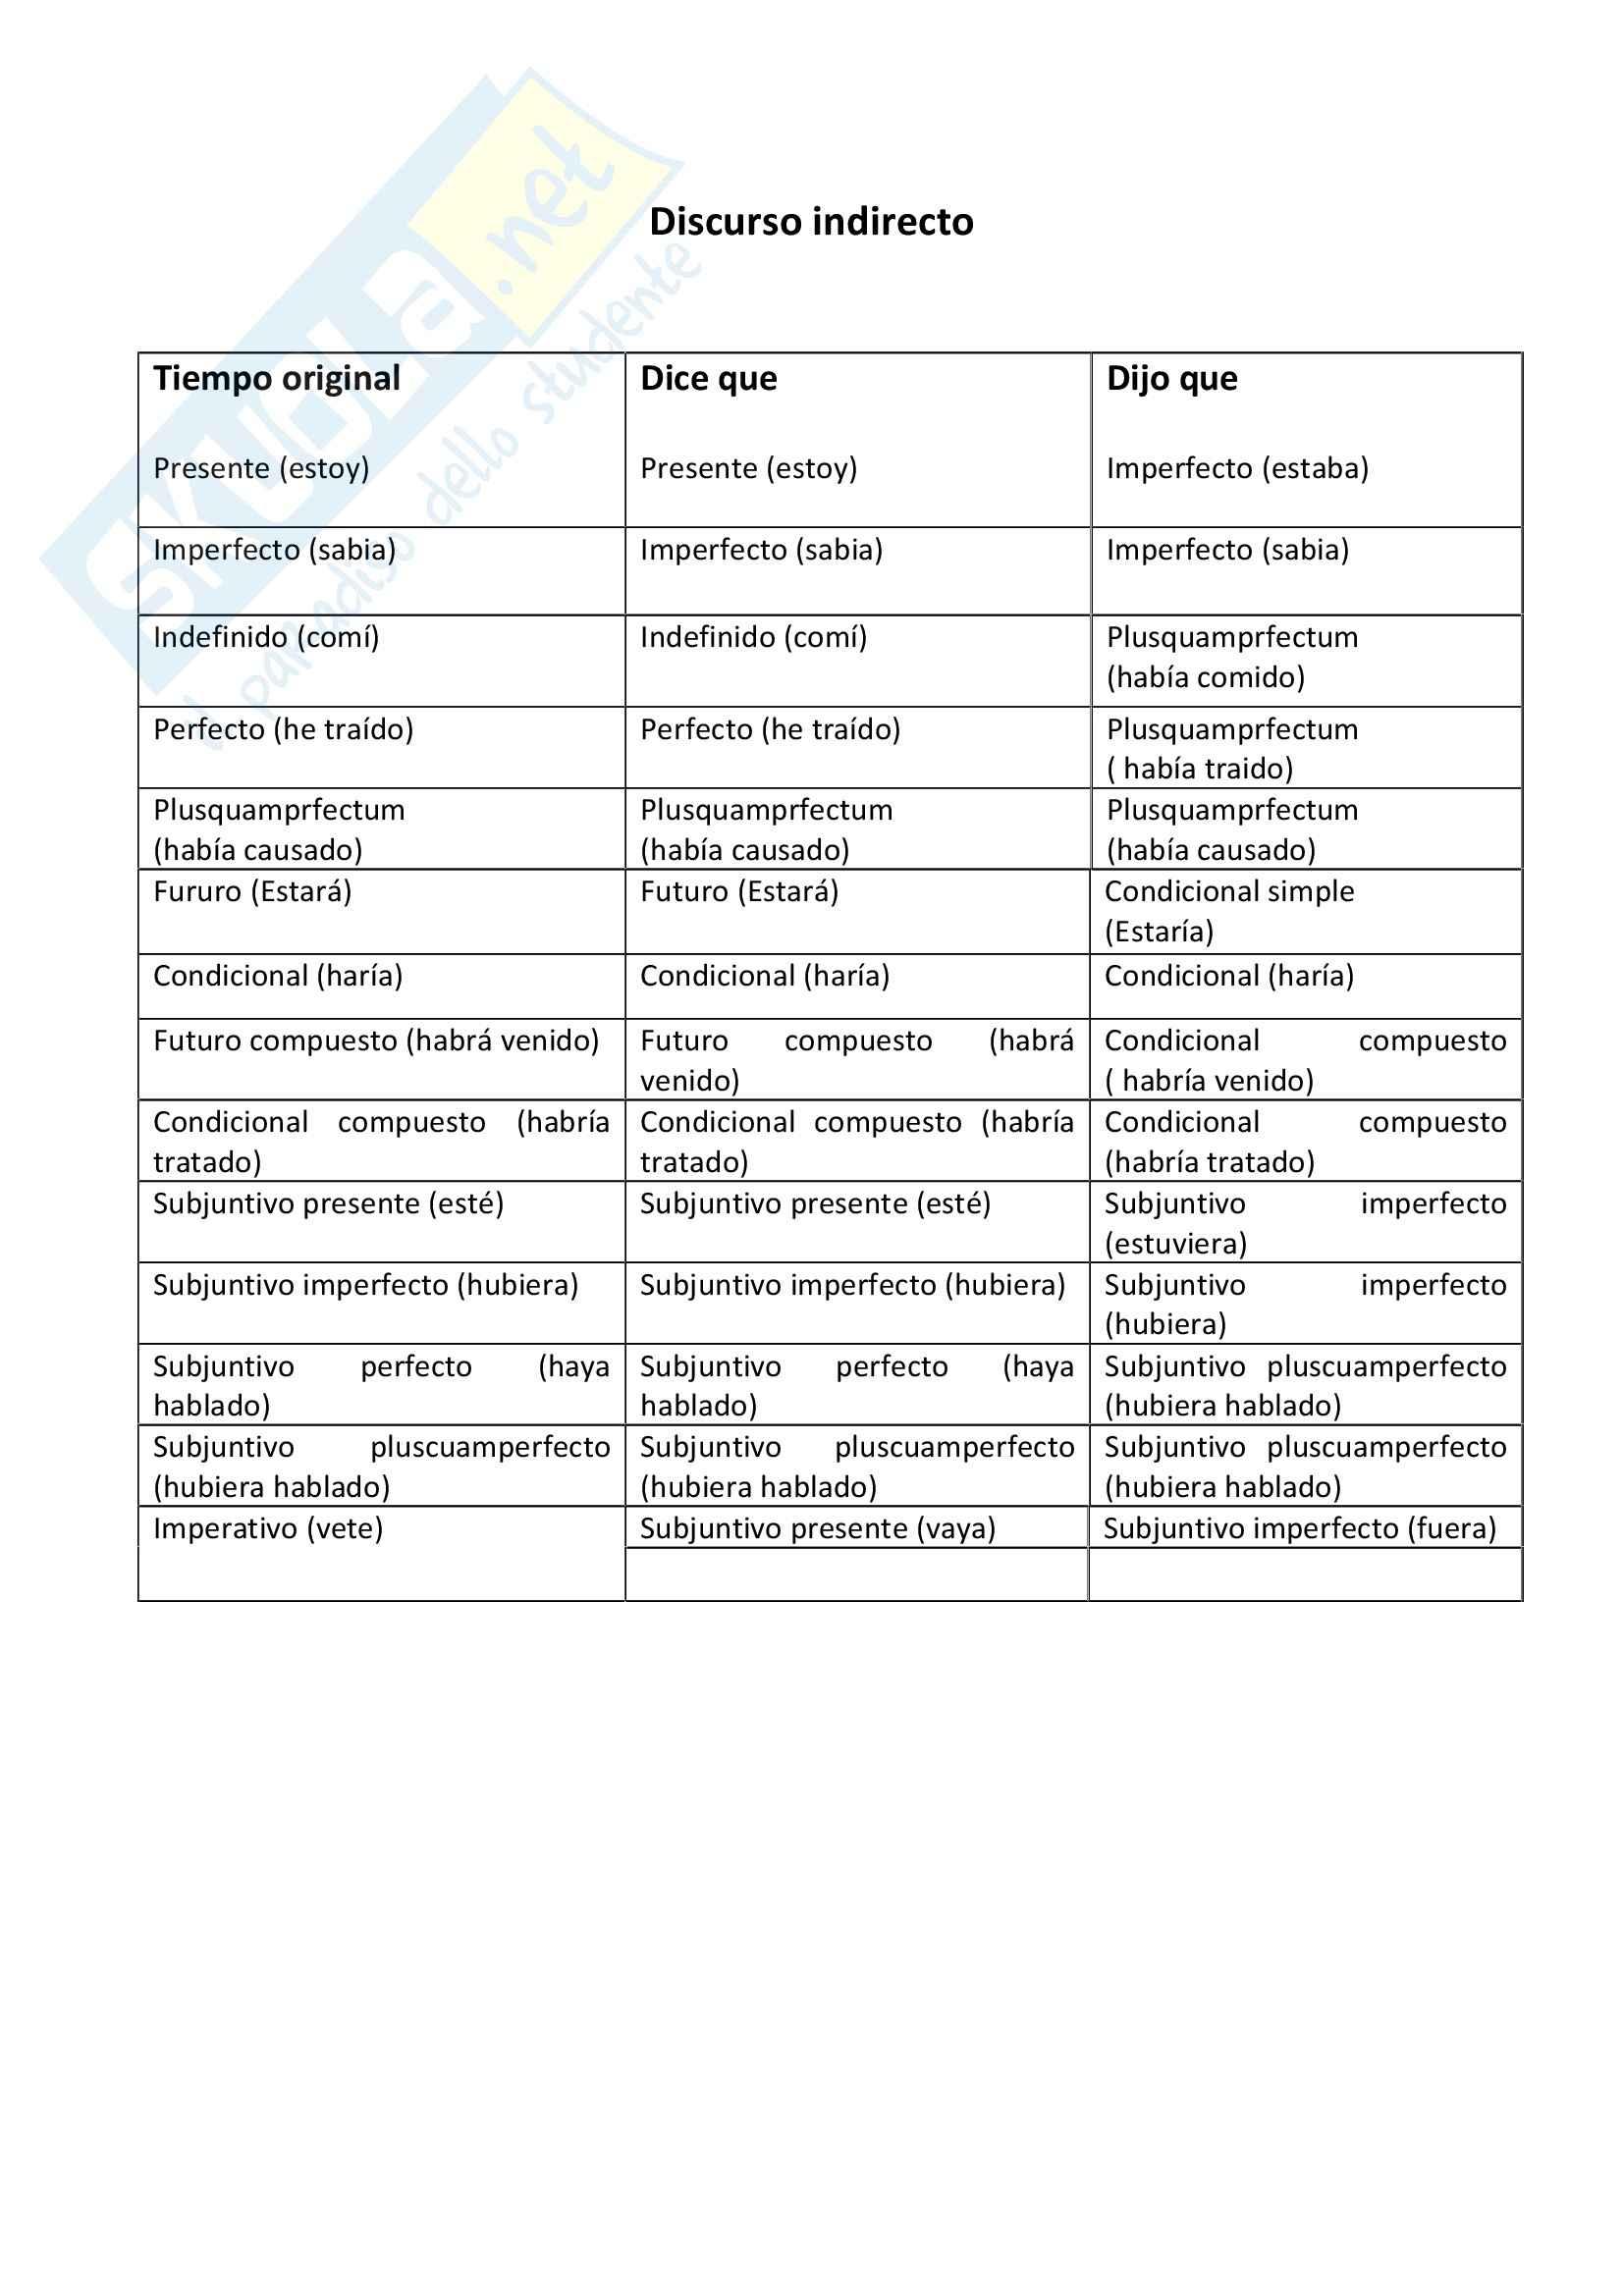 Lingua spagnola 1 - discurso indirecto en espanol